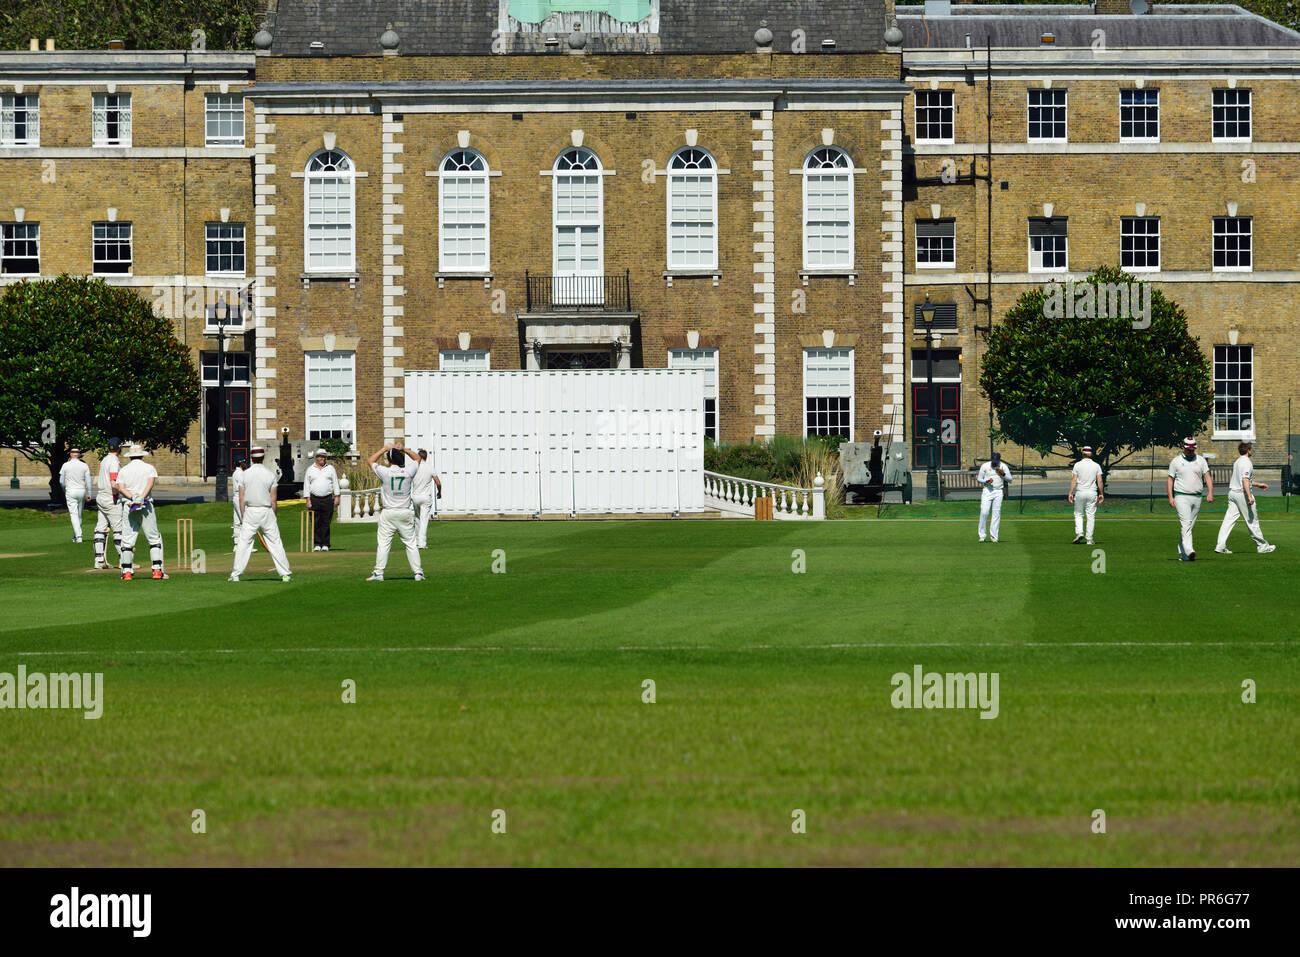 El cricket en la Honorable Compañía de artillería, de la ciudad de Londres, Londres, Reino Unido E1 Imagen De Stock